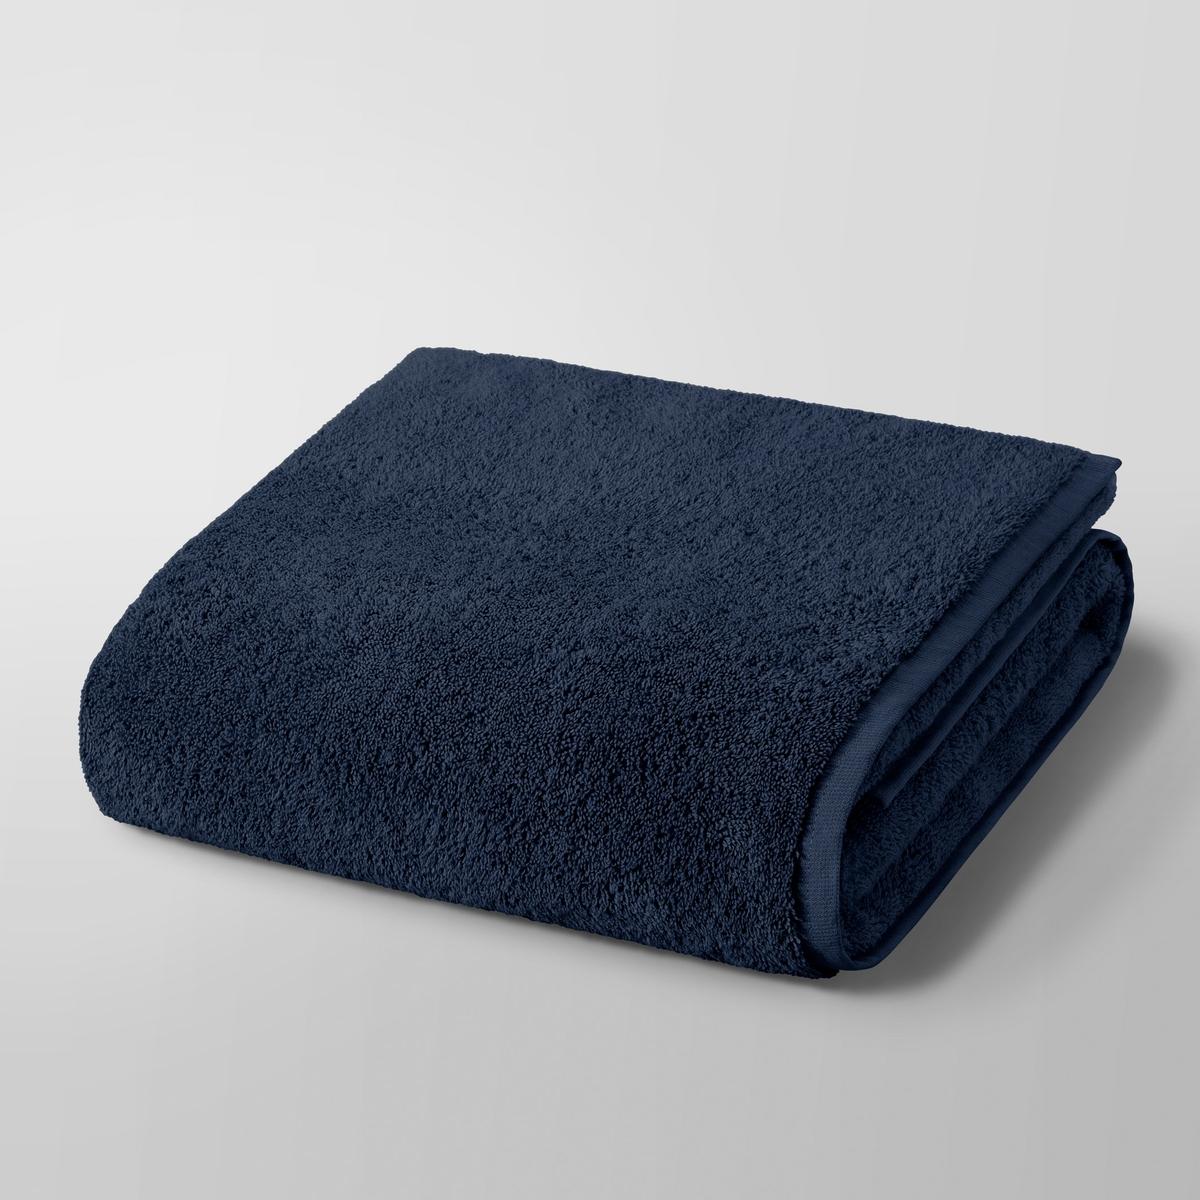 Полотенце для душа макси Gilbear, 100% хлопокПолотенце для душа макси Gilbear, 100% хлопок. Очень нежная, плотная и мягкая махровая ткань. 100% чесаный хлопок 600г/м?, очень мягкий и устойчивый к износу. Машинная стирка при 60 °С. Размер : 103 x 150 см.<br><br>Цвет: серо-розовый,сине-зеленый,синий морской,черный<br>Размер: 103 x 150  см